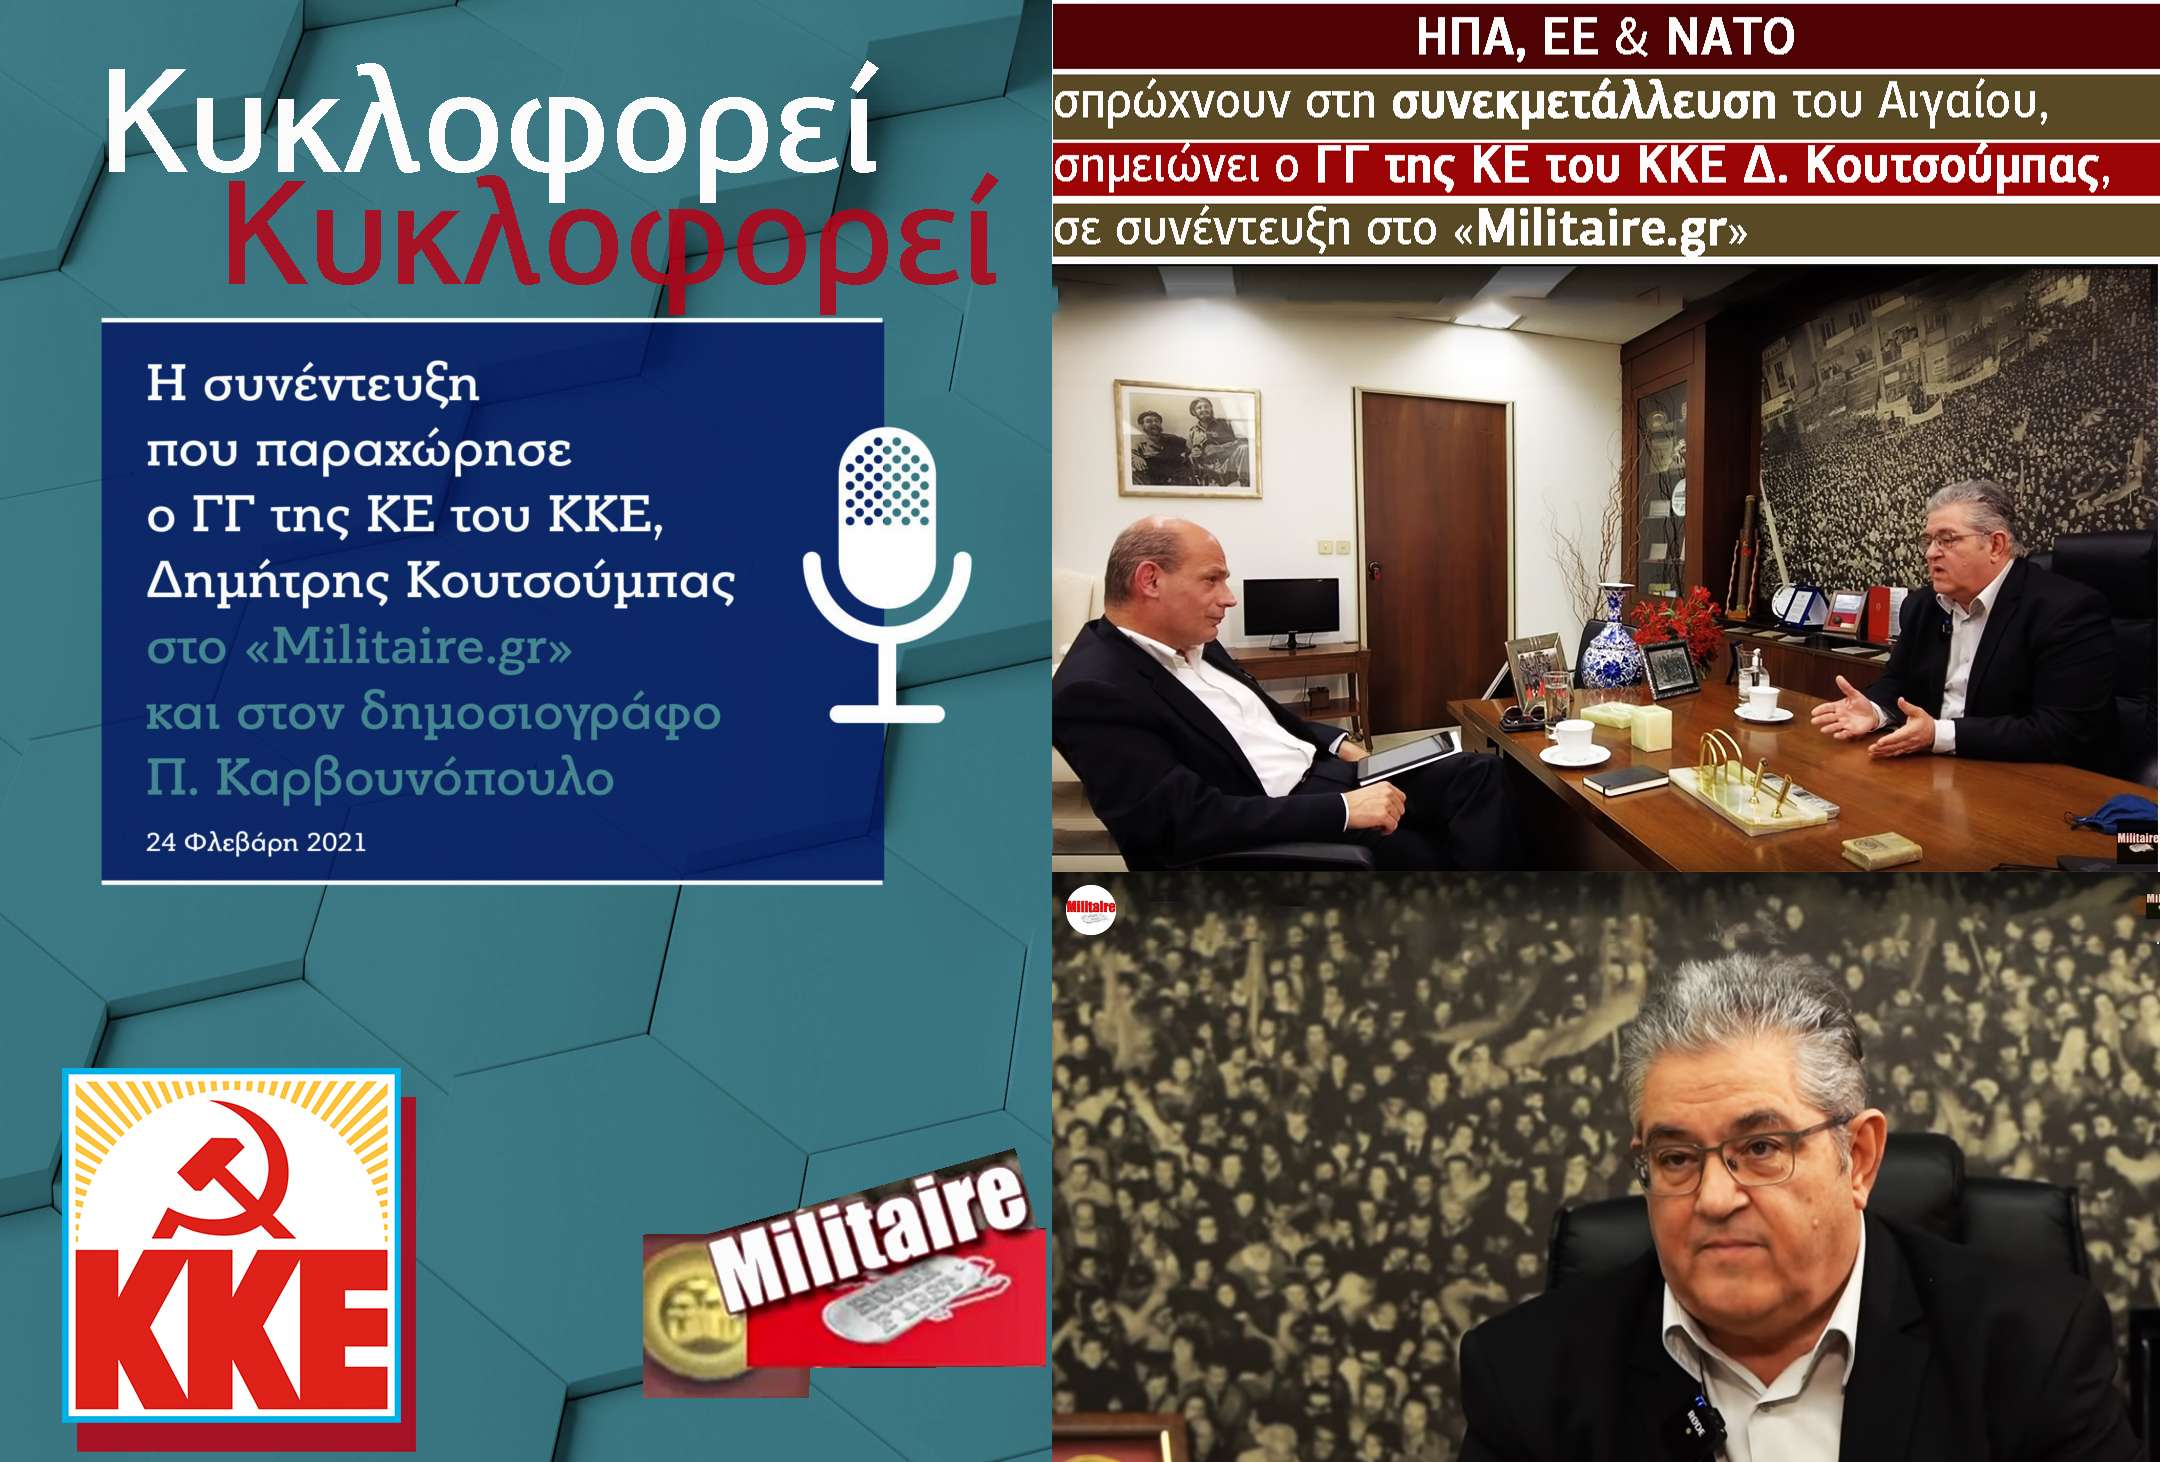 Συνέντευξη ΓΓ της ΚΕ του ΚΚΕ Δημήτρη Κουτσούμπα στο «Militaire.gr»